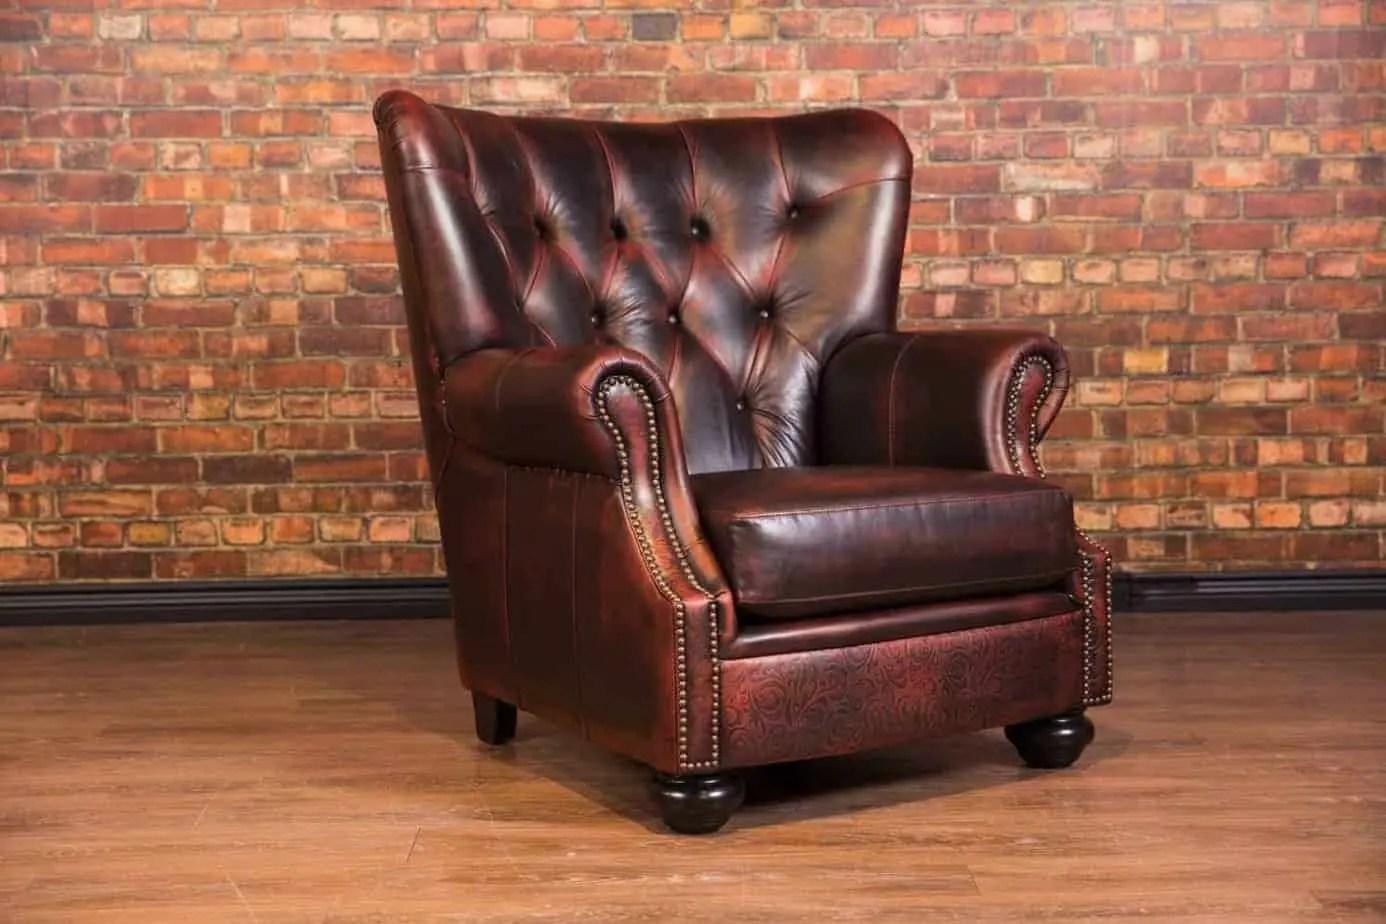 leather cigar chair outdoor cushions walmart the aficionado collection canada 39s